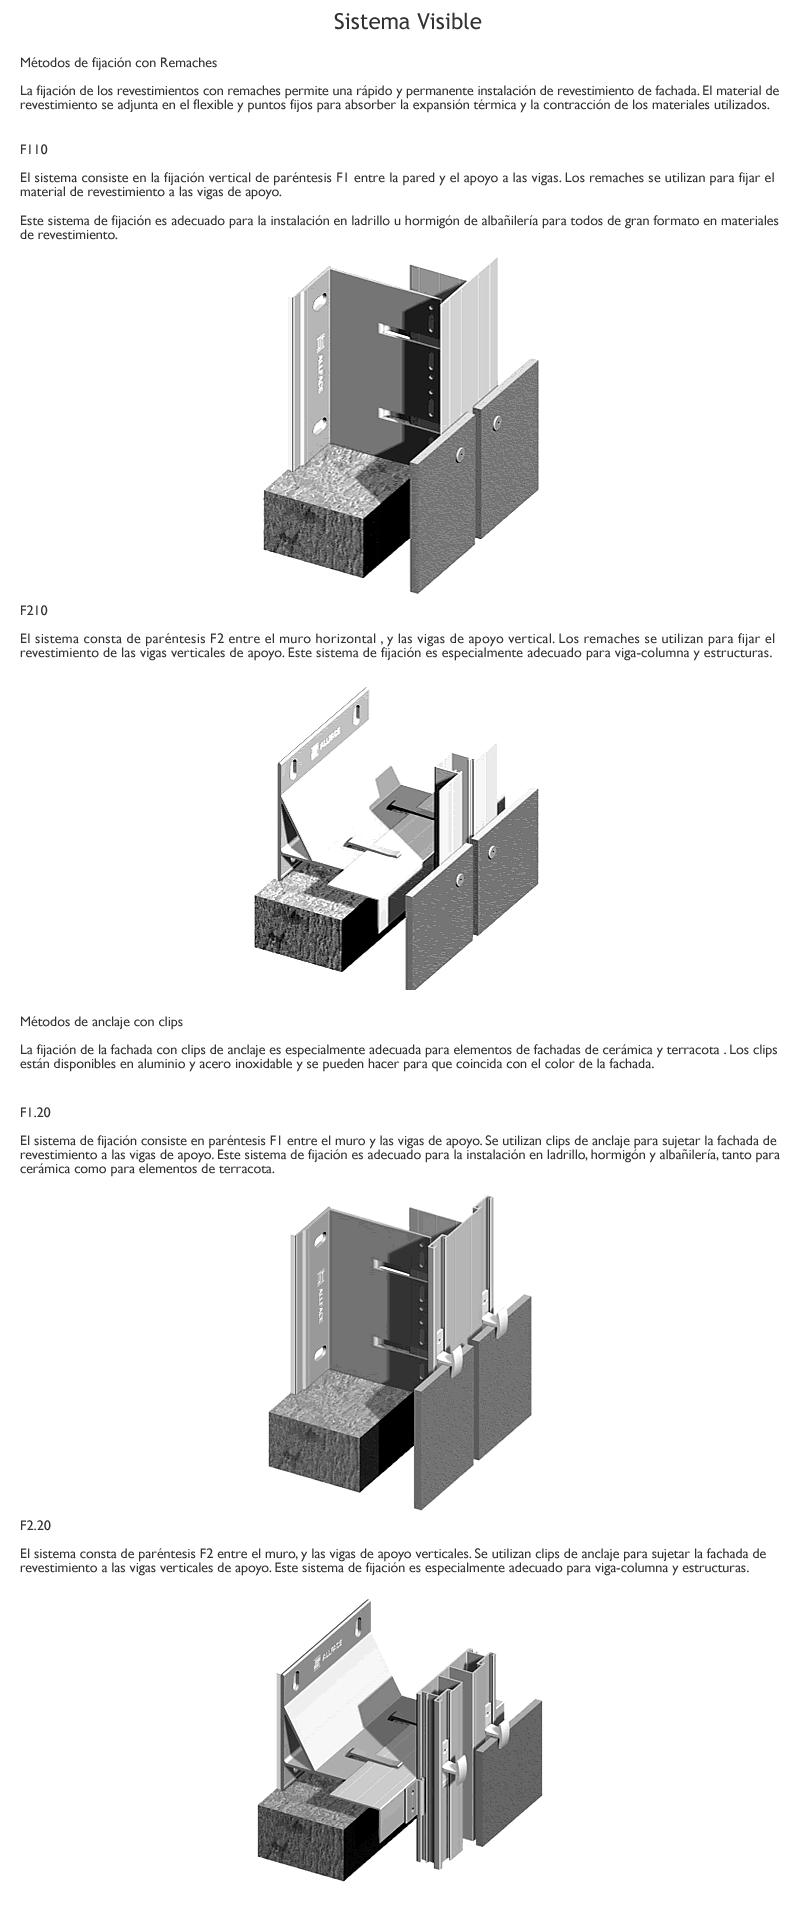 Sistemas de fijación para fachadas Allface visible